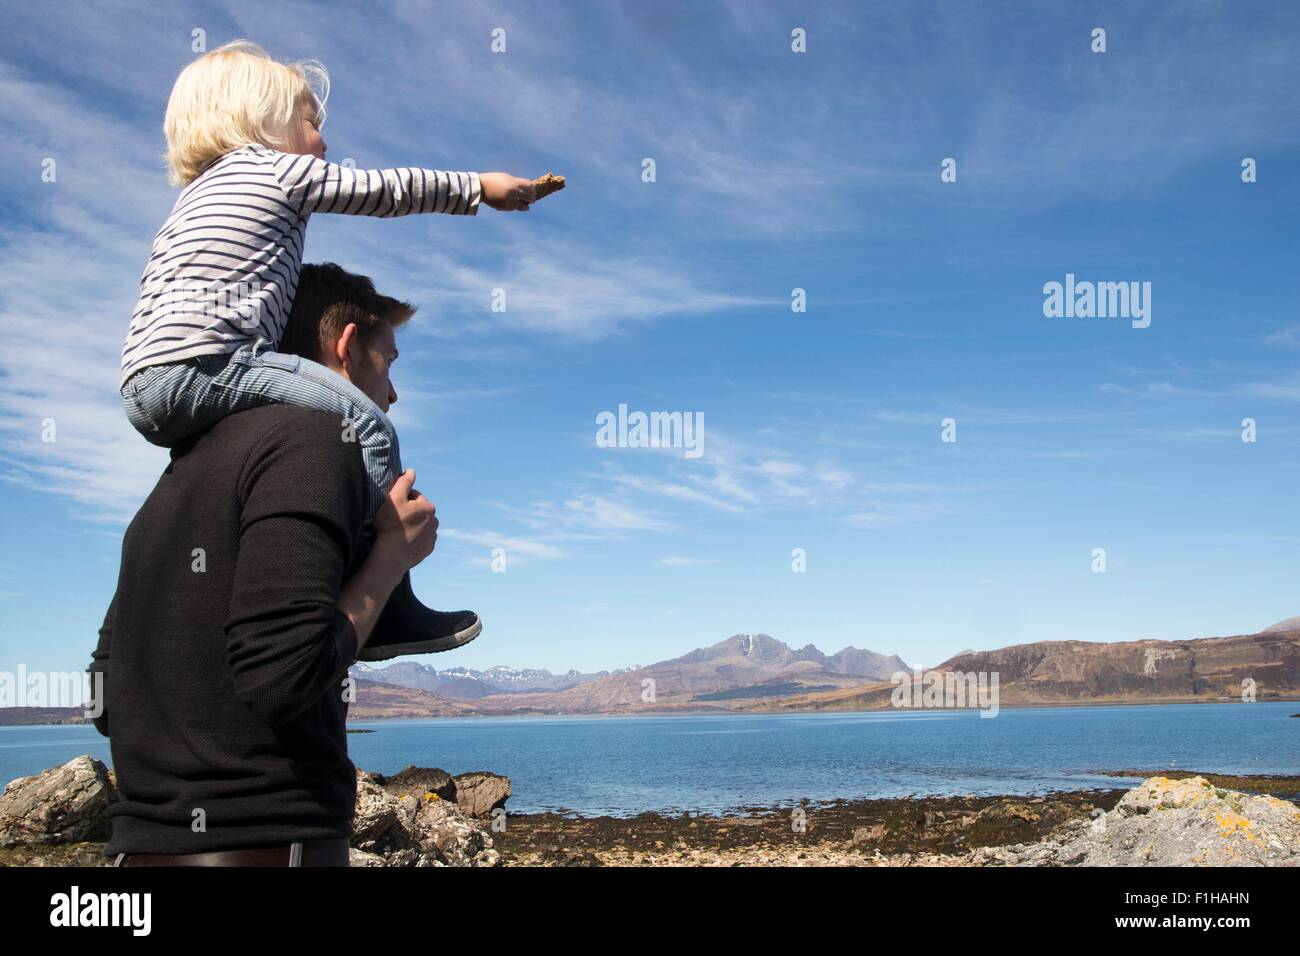 Vater mit Sohn auf Schultern, Loch Eishort, Isle Of Skye, Hebriden, Schottland Stockbild